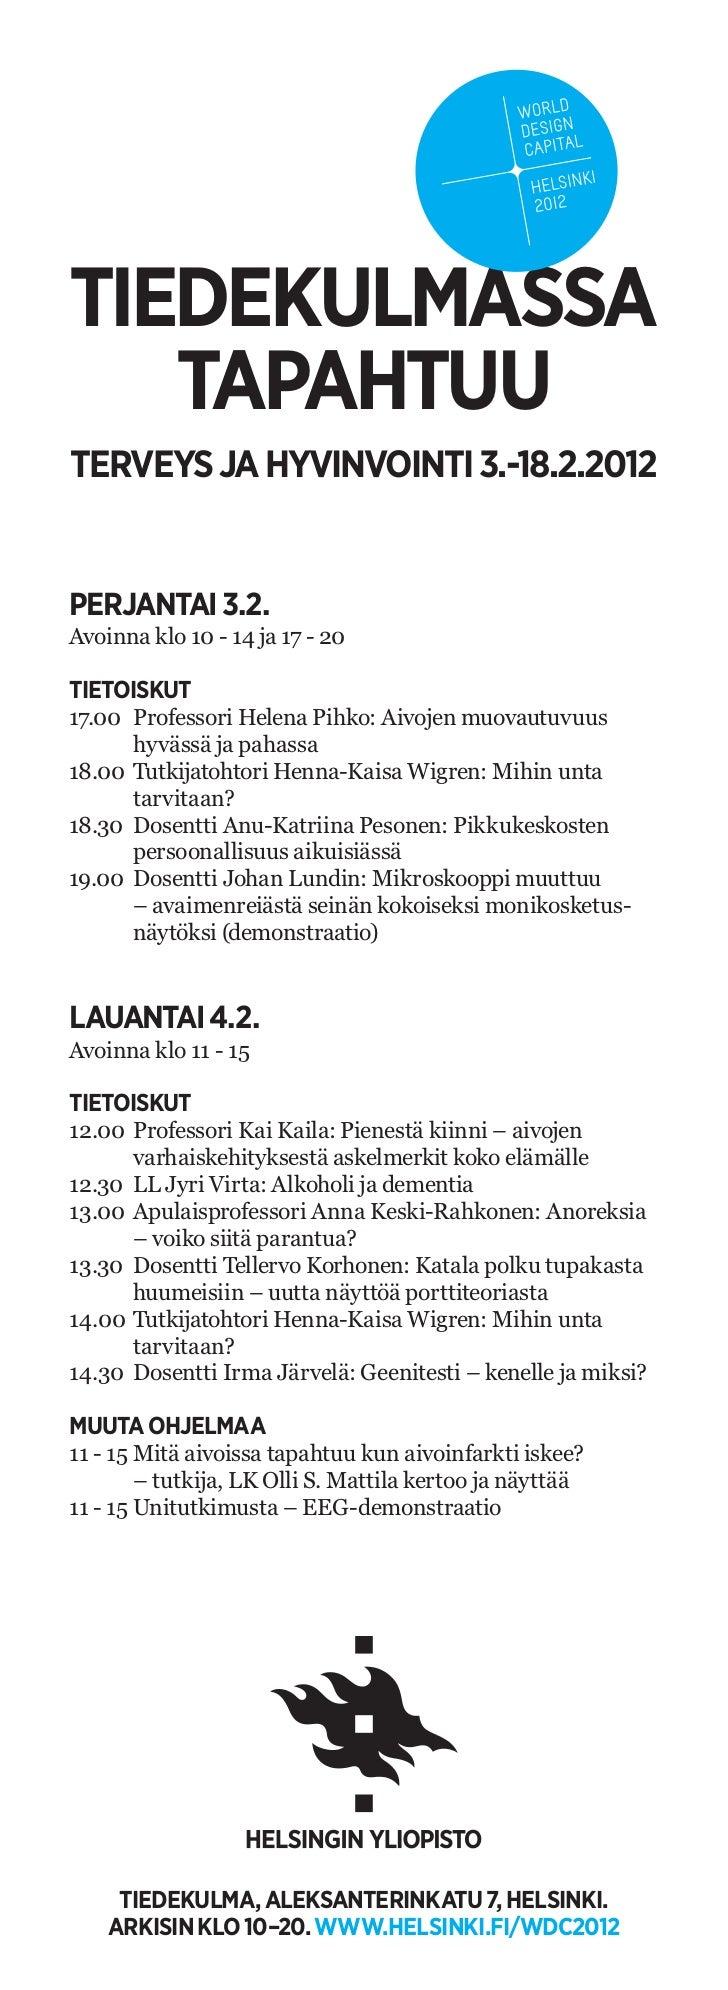 TIEDEKULMASSA   TAPAHTUUTERVEYS JA HYVINVOINTI 3.-18.2.2012PERJANTAI 3.2.Avoinna klo 10 - 14 ja 17 - 20TIETOISKUT17.00 Pro...